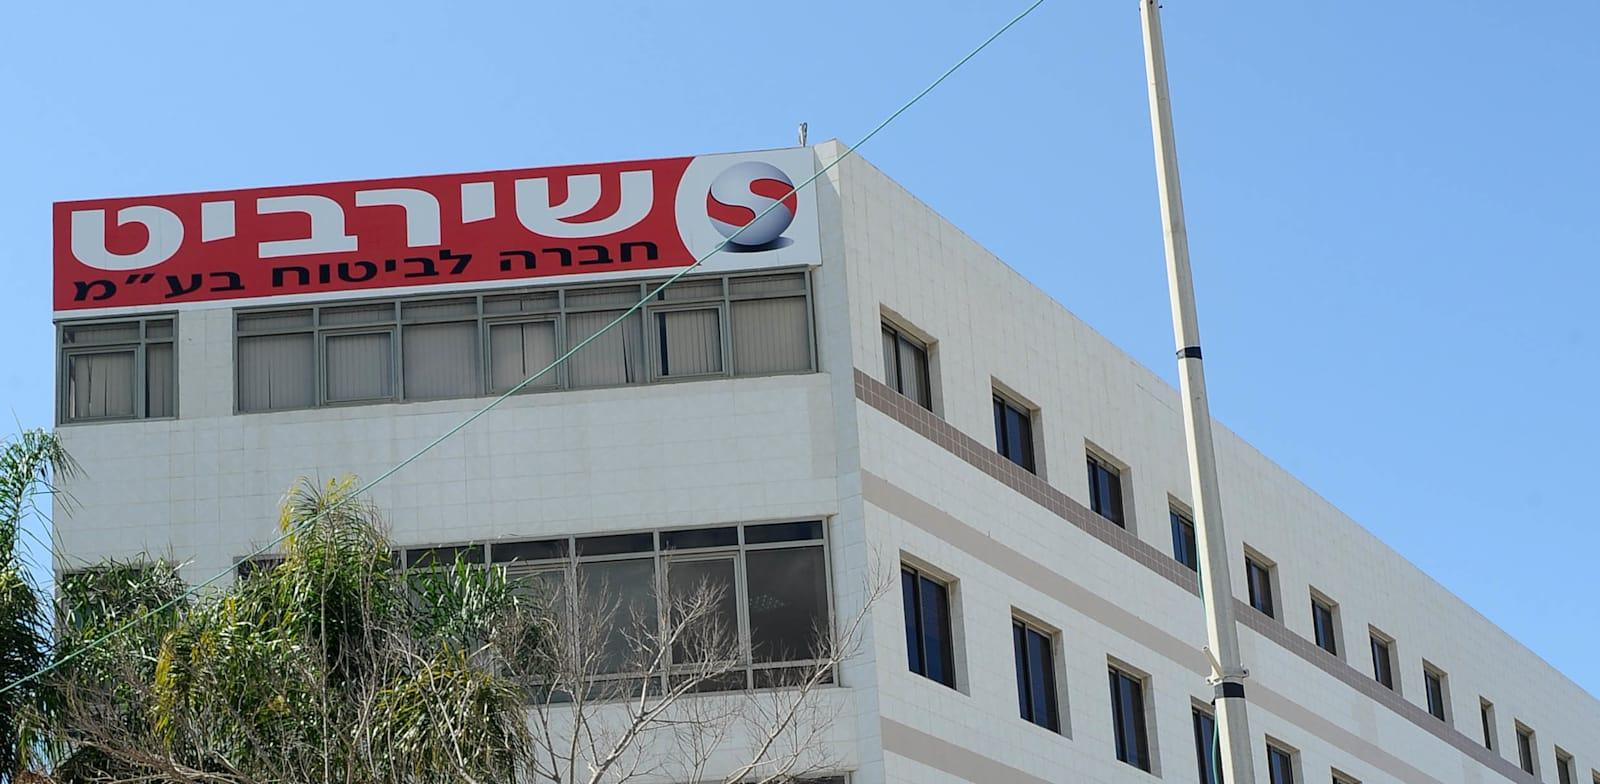 בנין חברת ביטוח שירביט - רח' יד חרוצים 18 נתניה / צילום: תמר מצפי